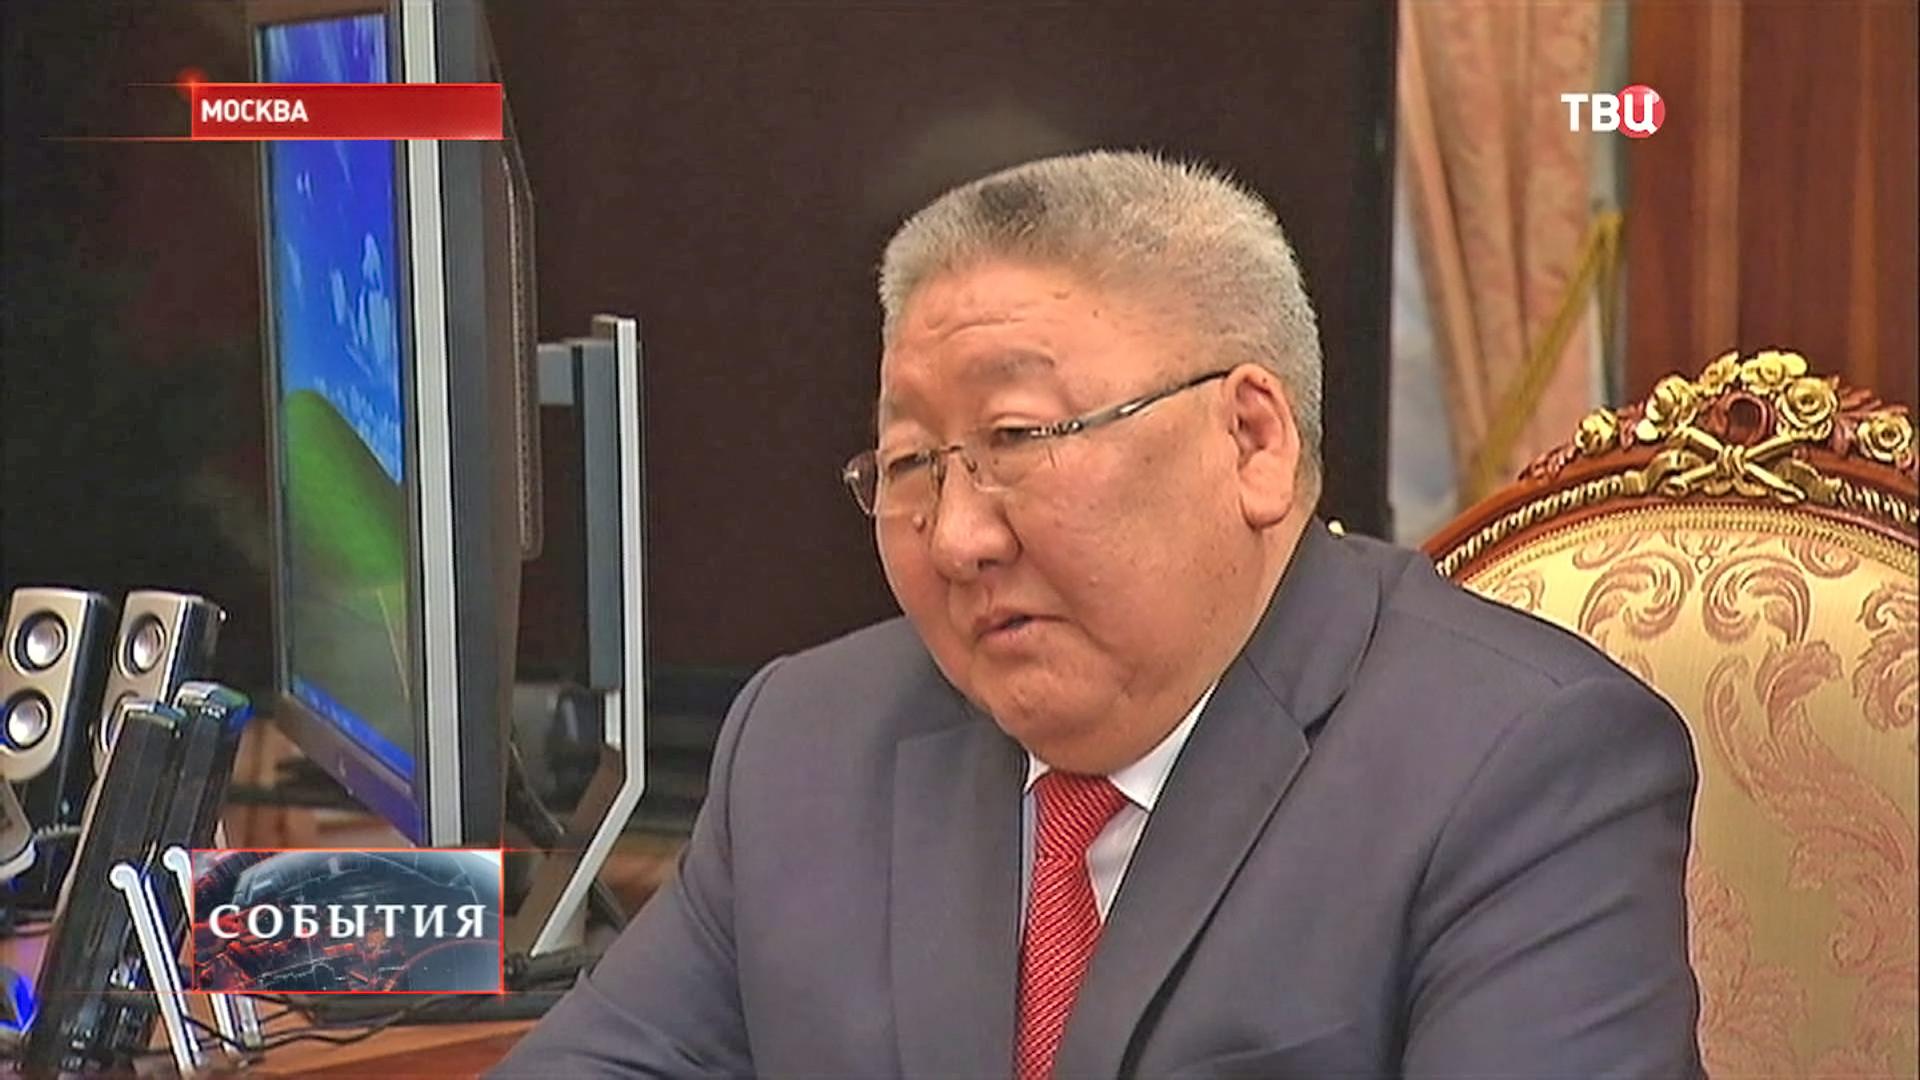 Глава республики Саха-Якутии Егор Борисов